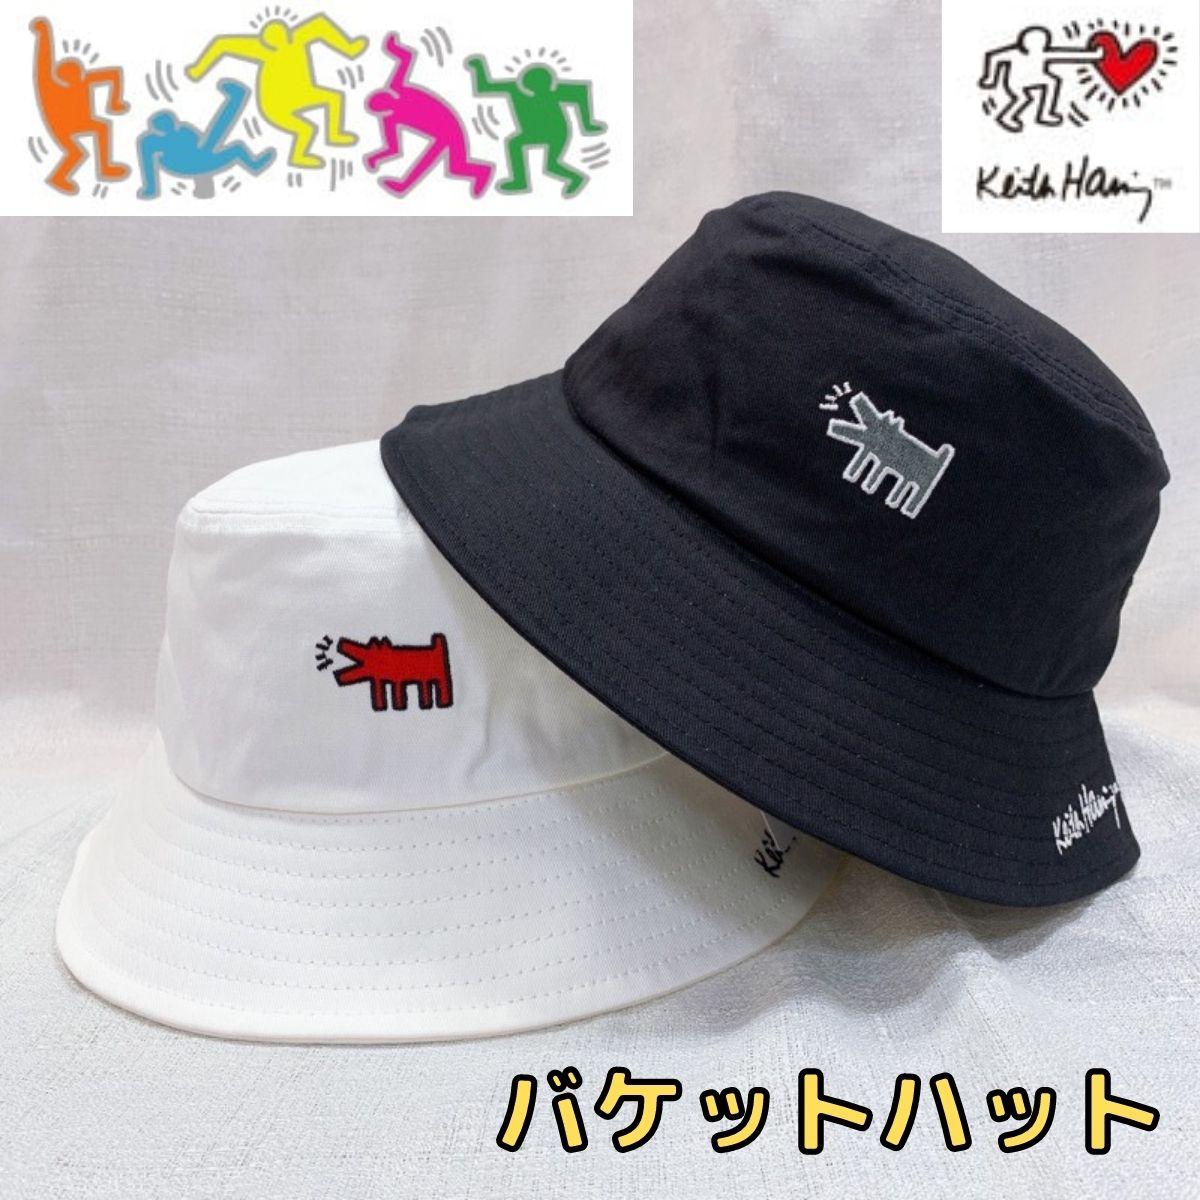 バケットハット バケハ 帽子 ハット キースへリング Keith Haring つば広 日よけ 人気 おしゃれ ブランド 犬 ドッグ 新作